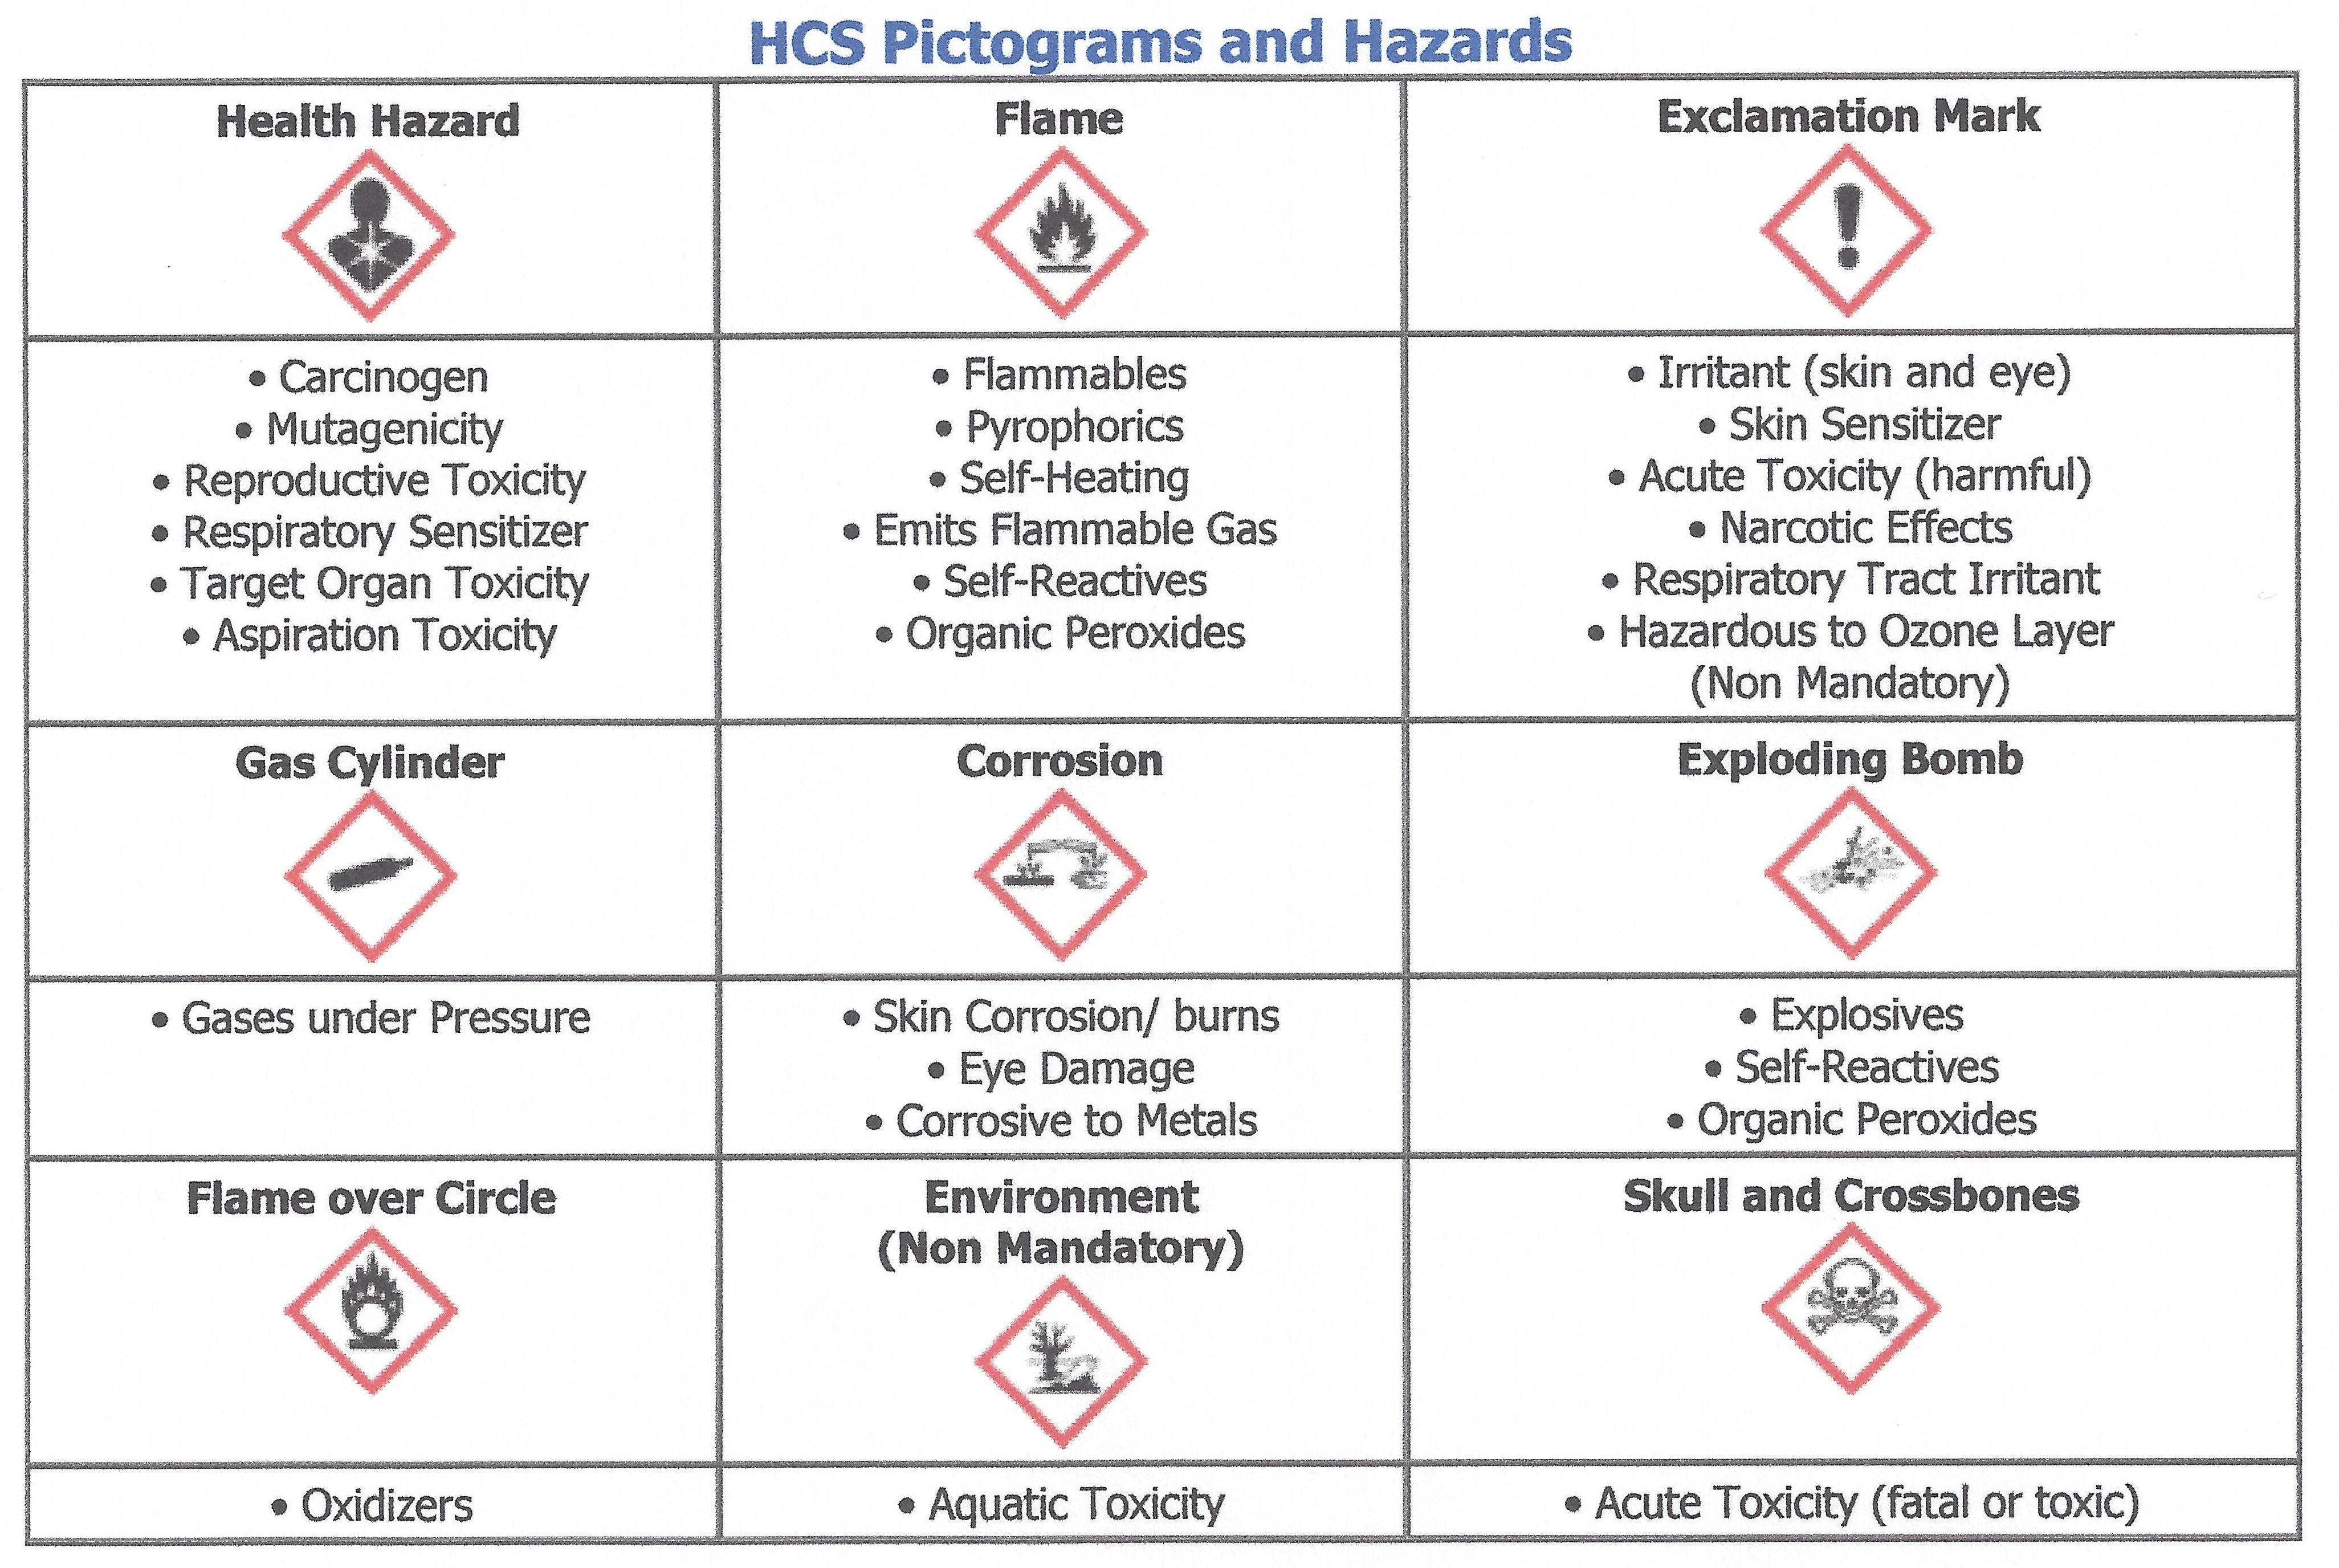 Ghs Hazard Pictograms Symbols